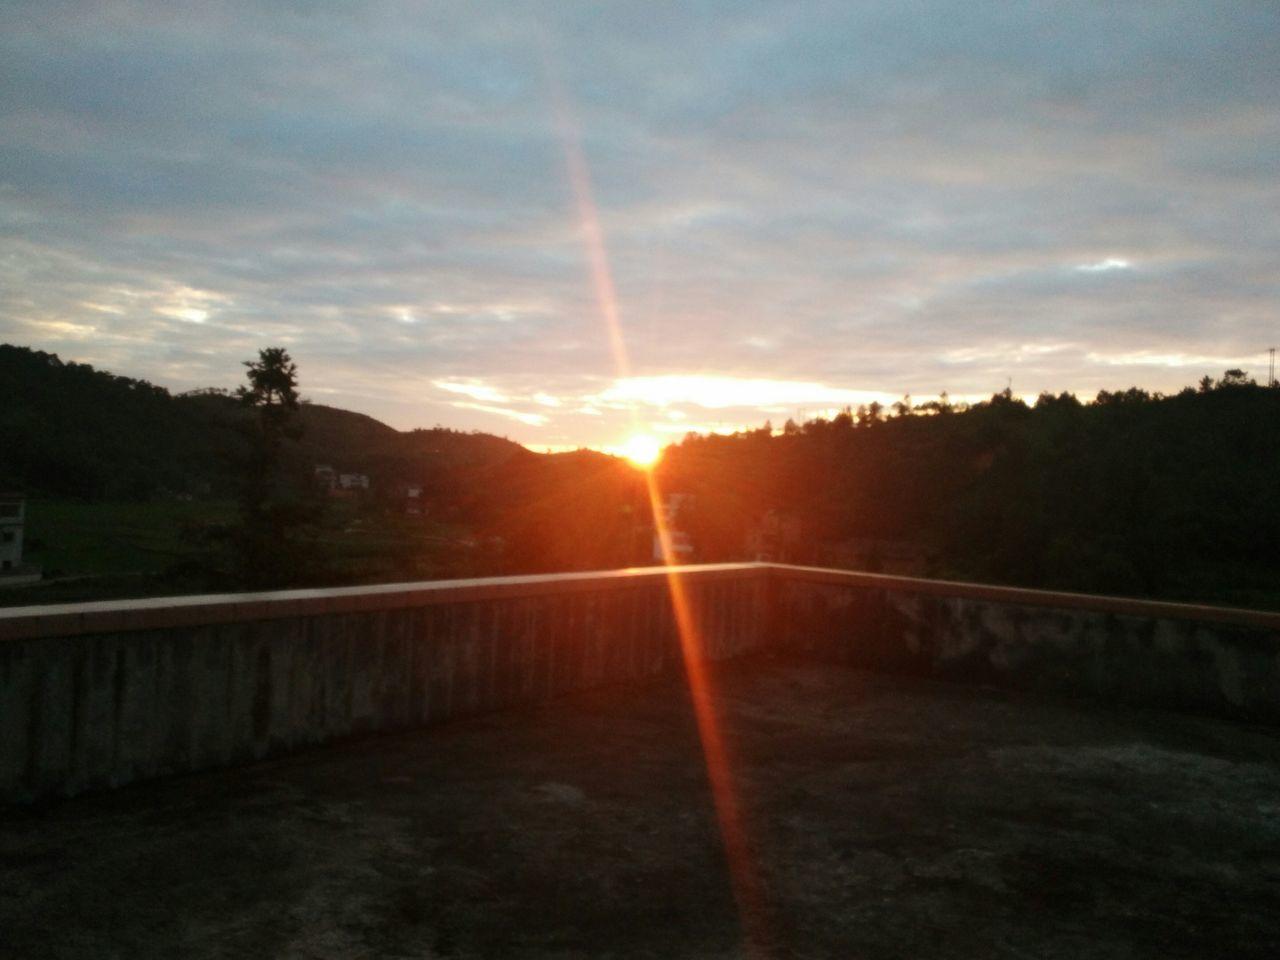 夕阳 First Eyeem Photo